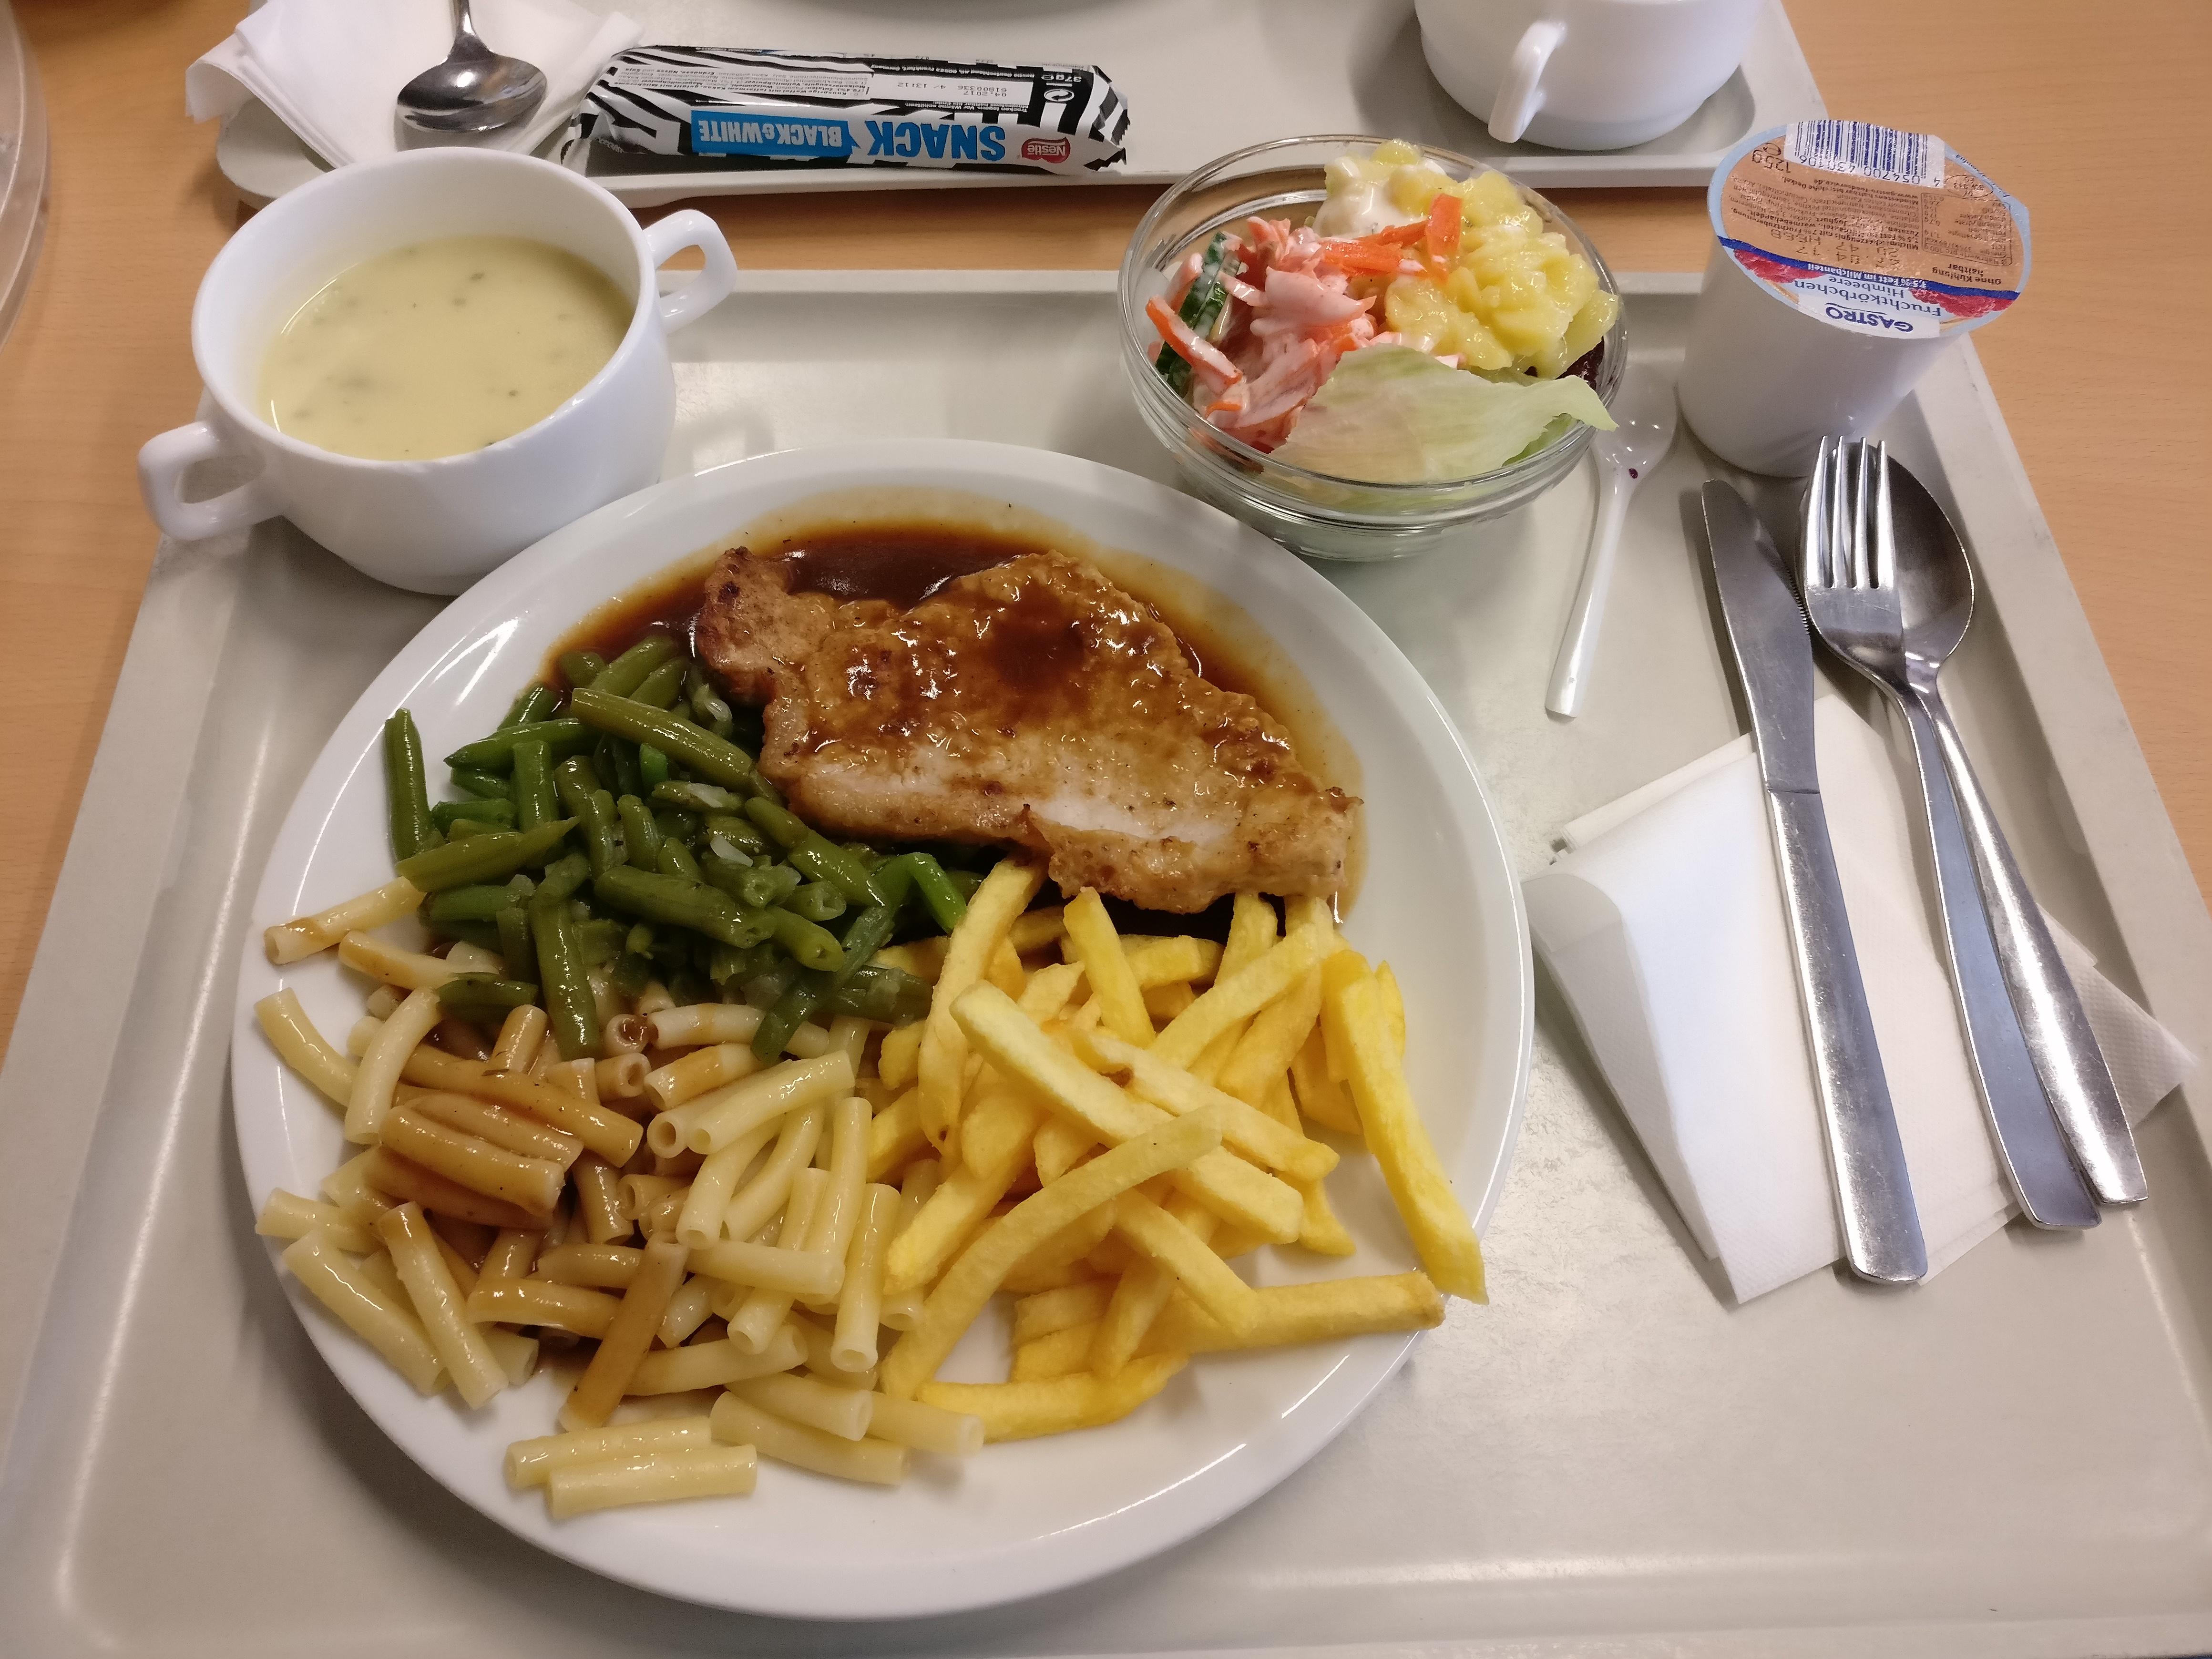 http://foodloader.net/nico_2017-04-20_steak-nudeln-pommes-bohnen-suppe-salat-joghurt.jpg